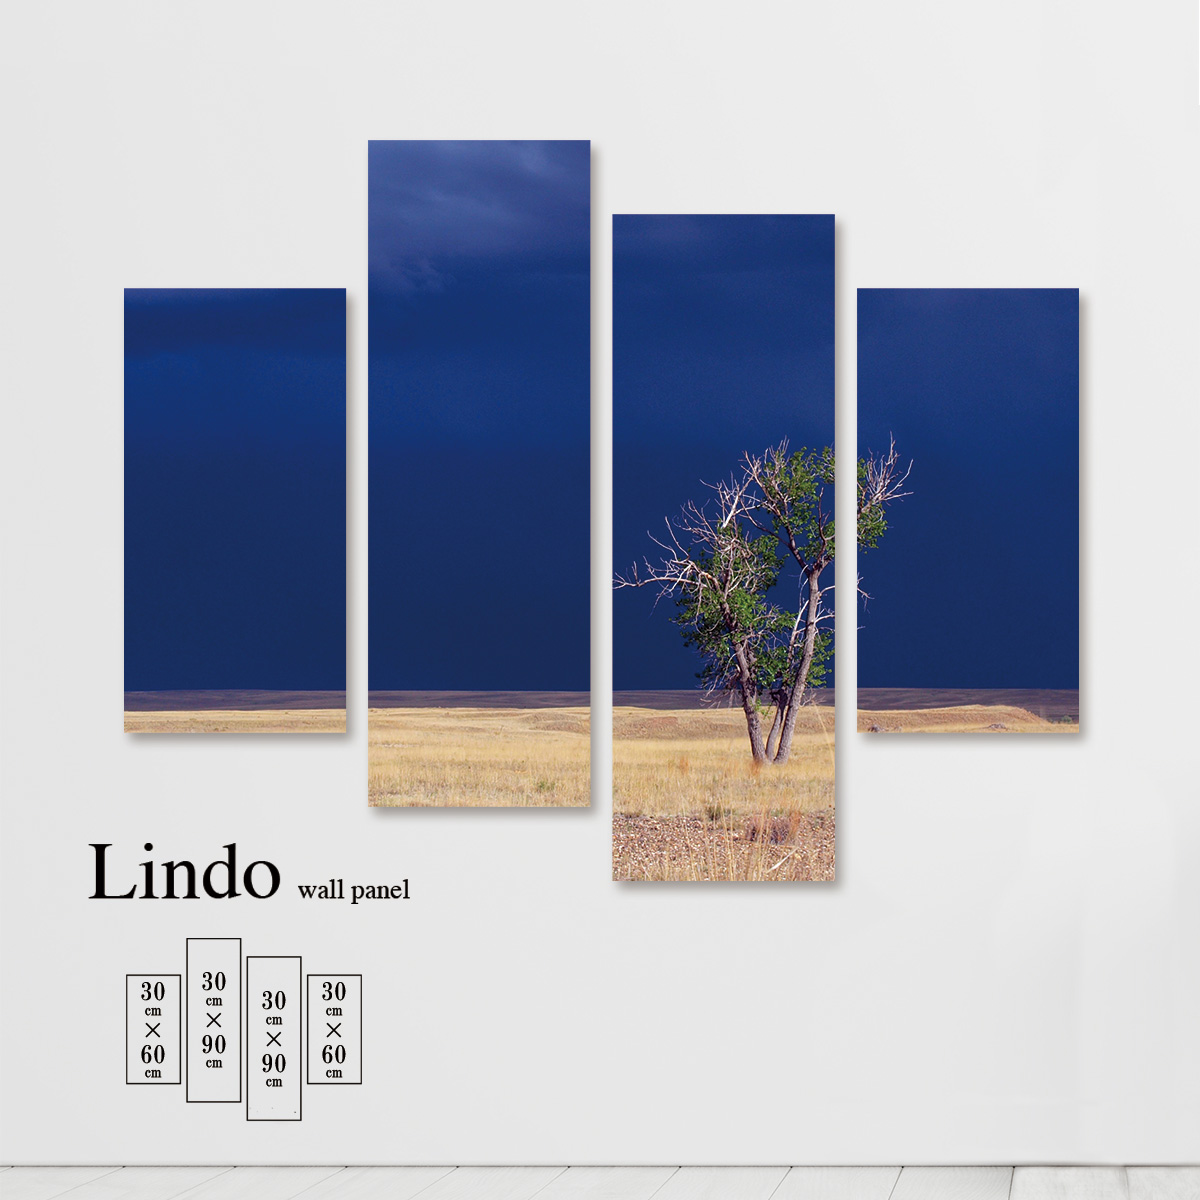 ファブリックパネル 風景 景色 写真 自然 環境 ブルー 木 壁掛け 北欧 お洒落 デザイン アート 壁飾り アートボード 4枚パネル